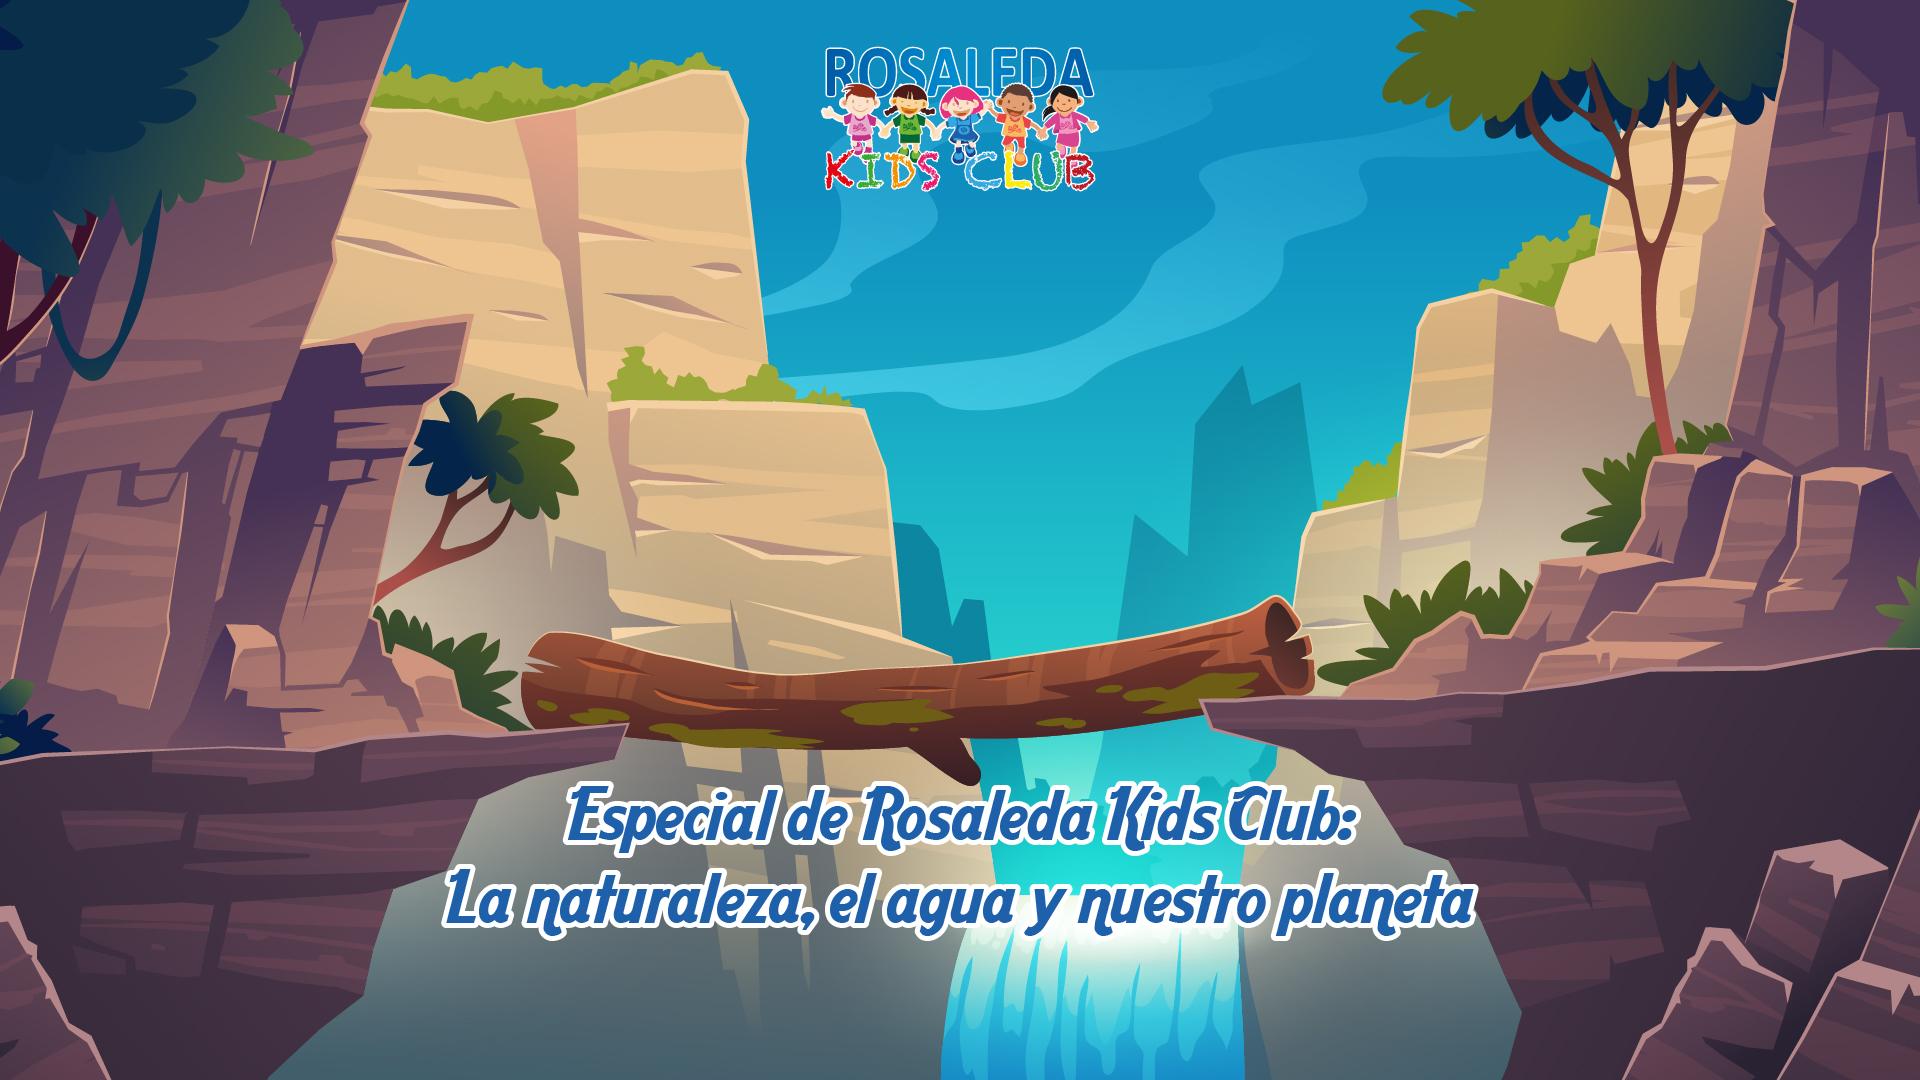 Especial de Rosaleda Kids Club la naturaleza, el agua y el planeta